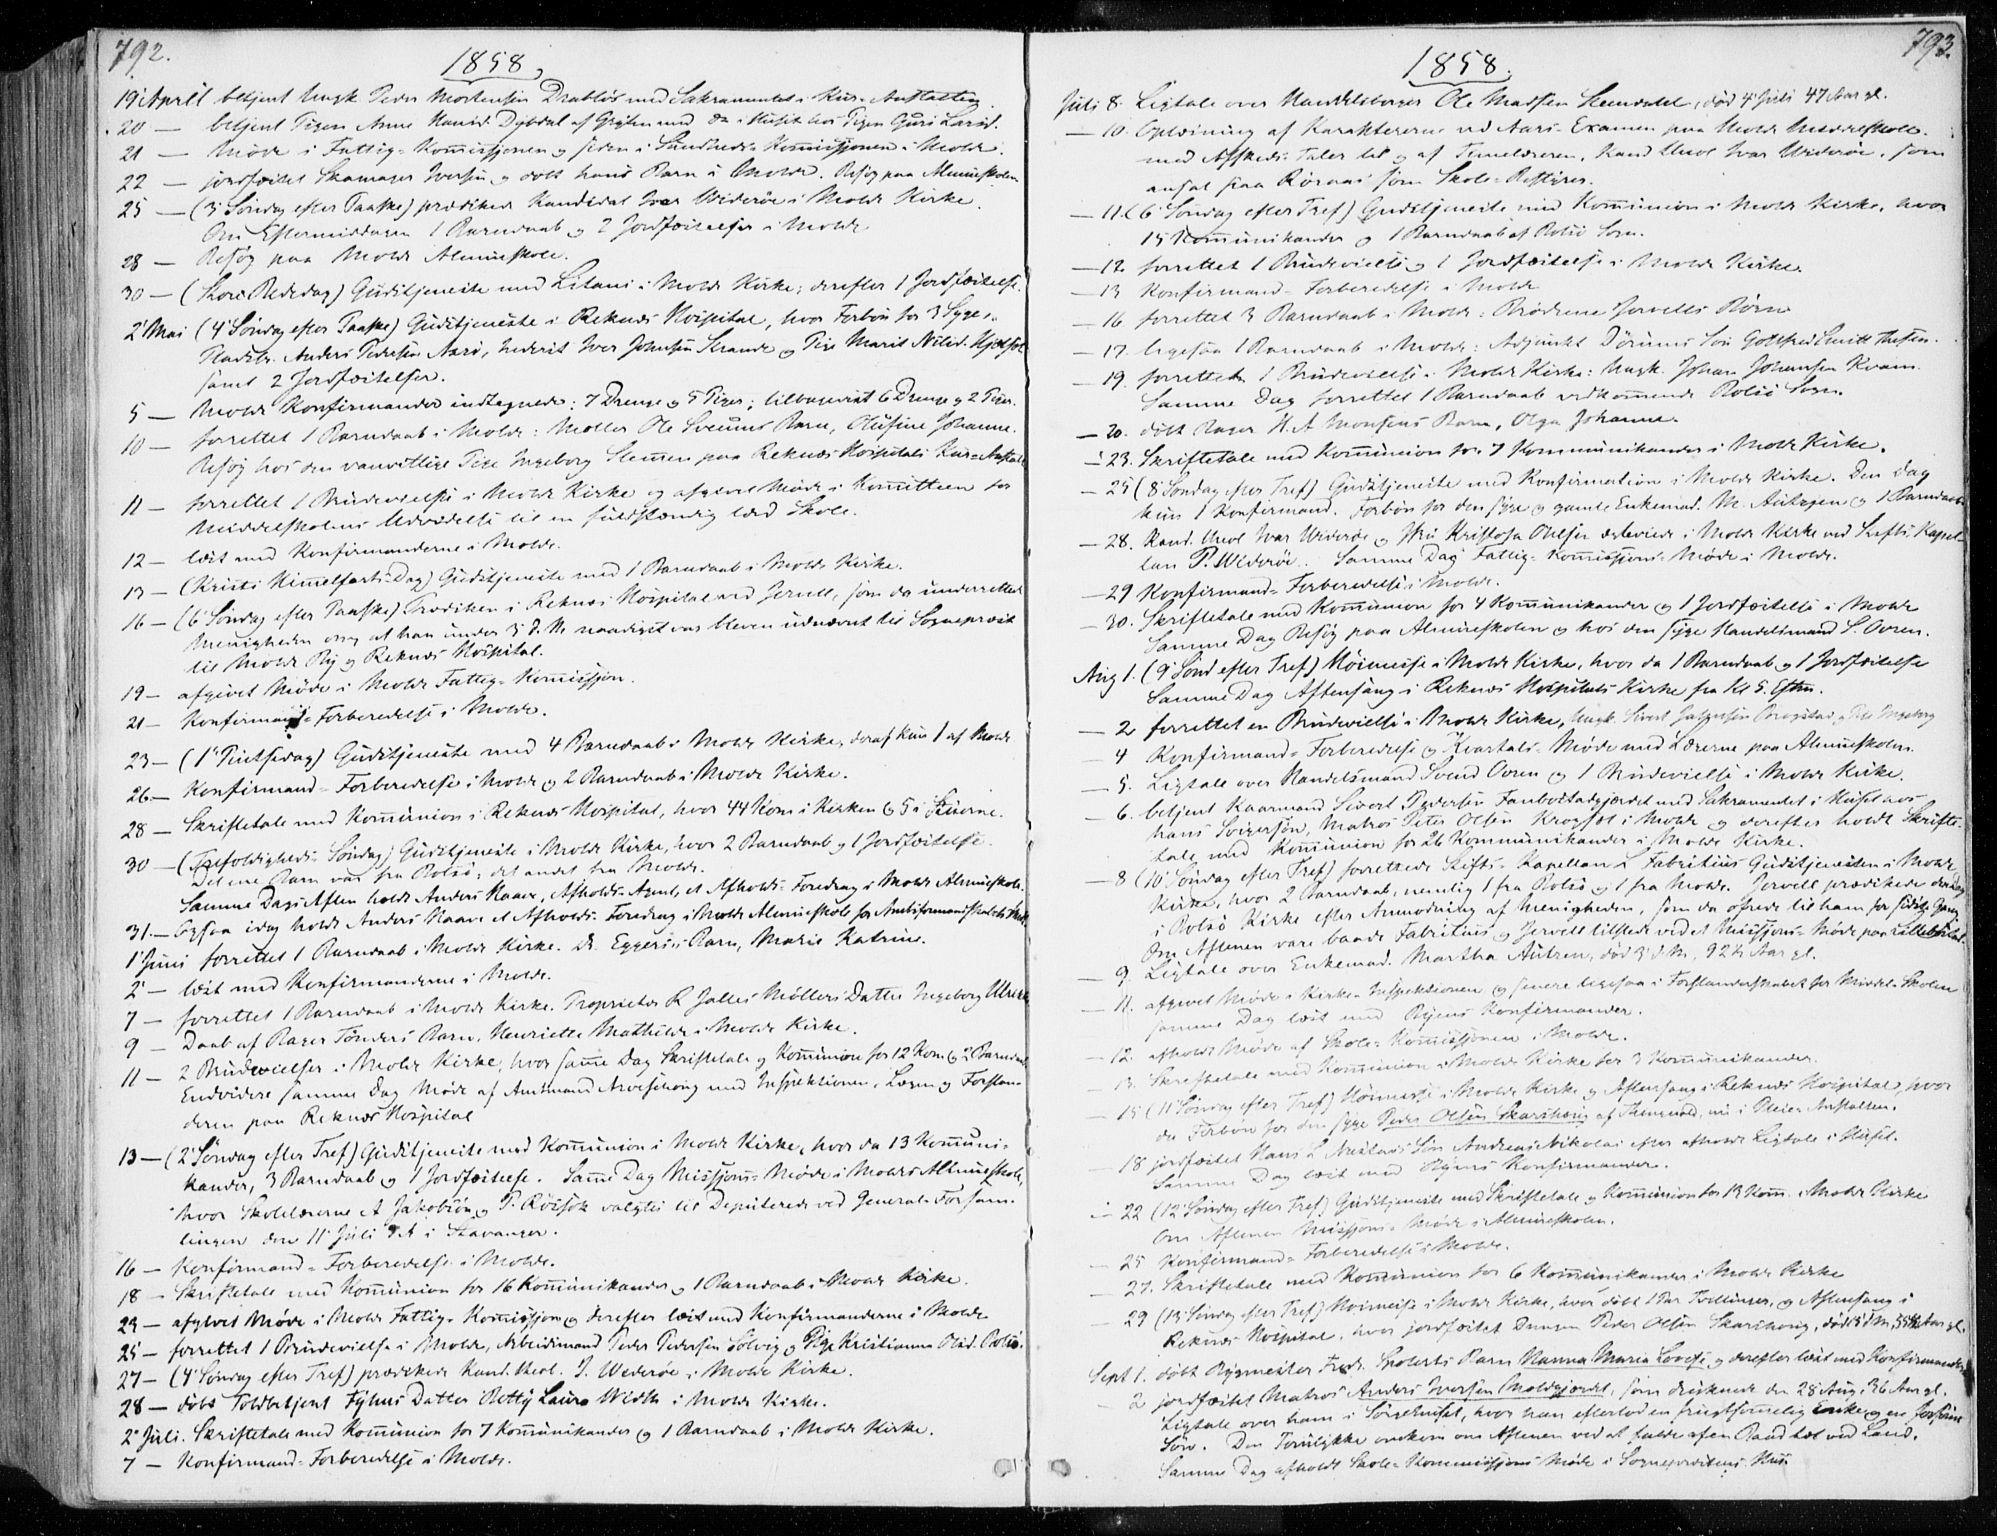 SAT, Ministerialprotokoller, klokkerbøker og fødselsregistre - Møre og Romsdal, 558/L0689: Ministerialbok nr. 558A03, 1843-1872, s. 792-793